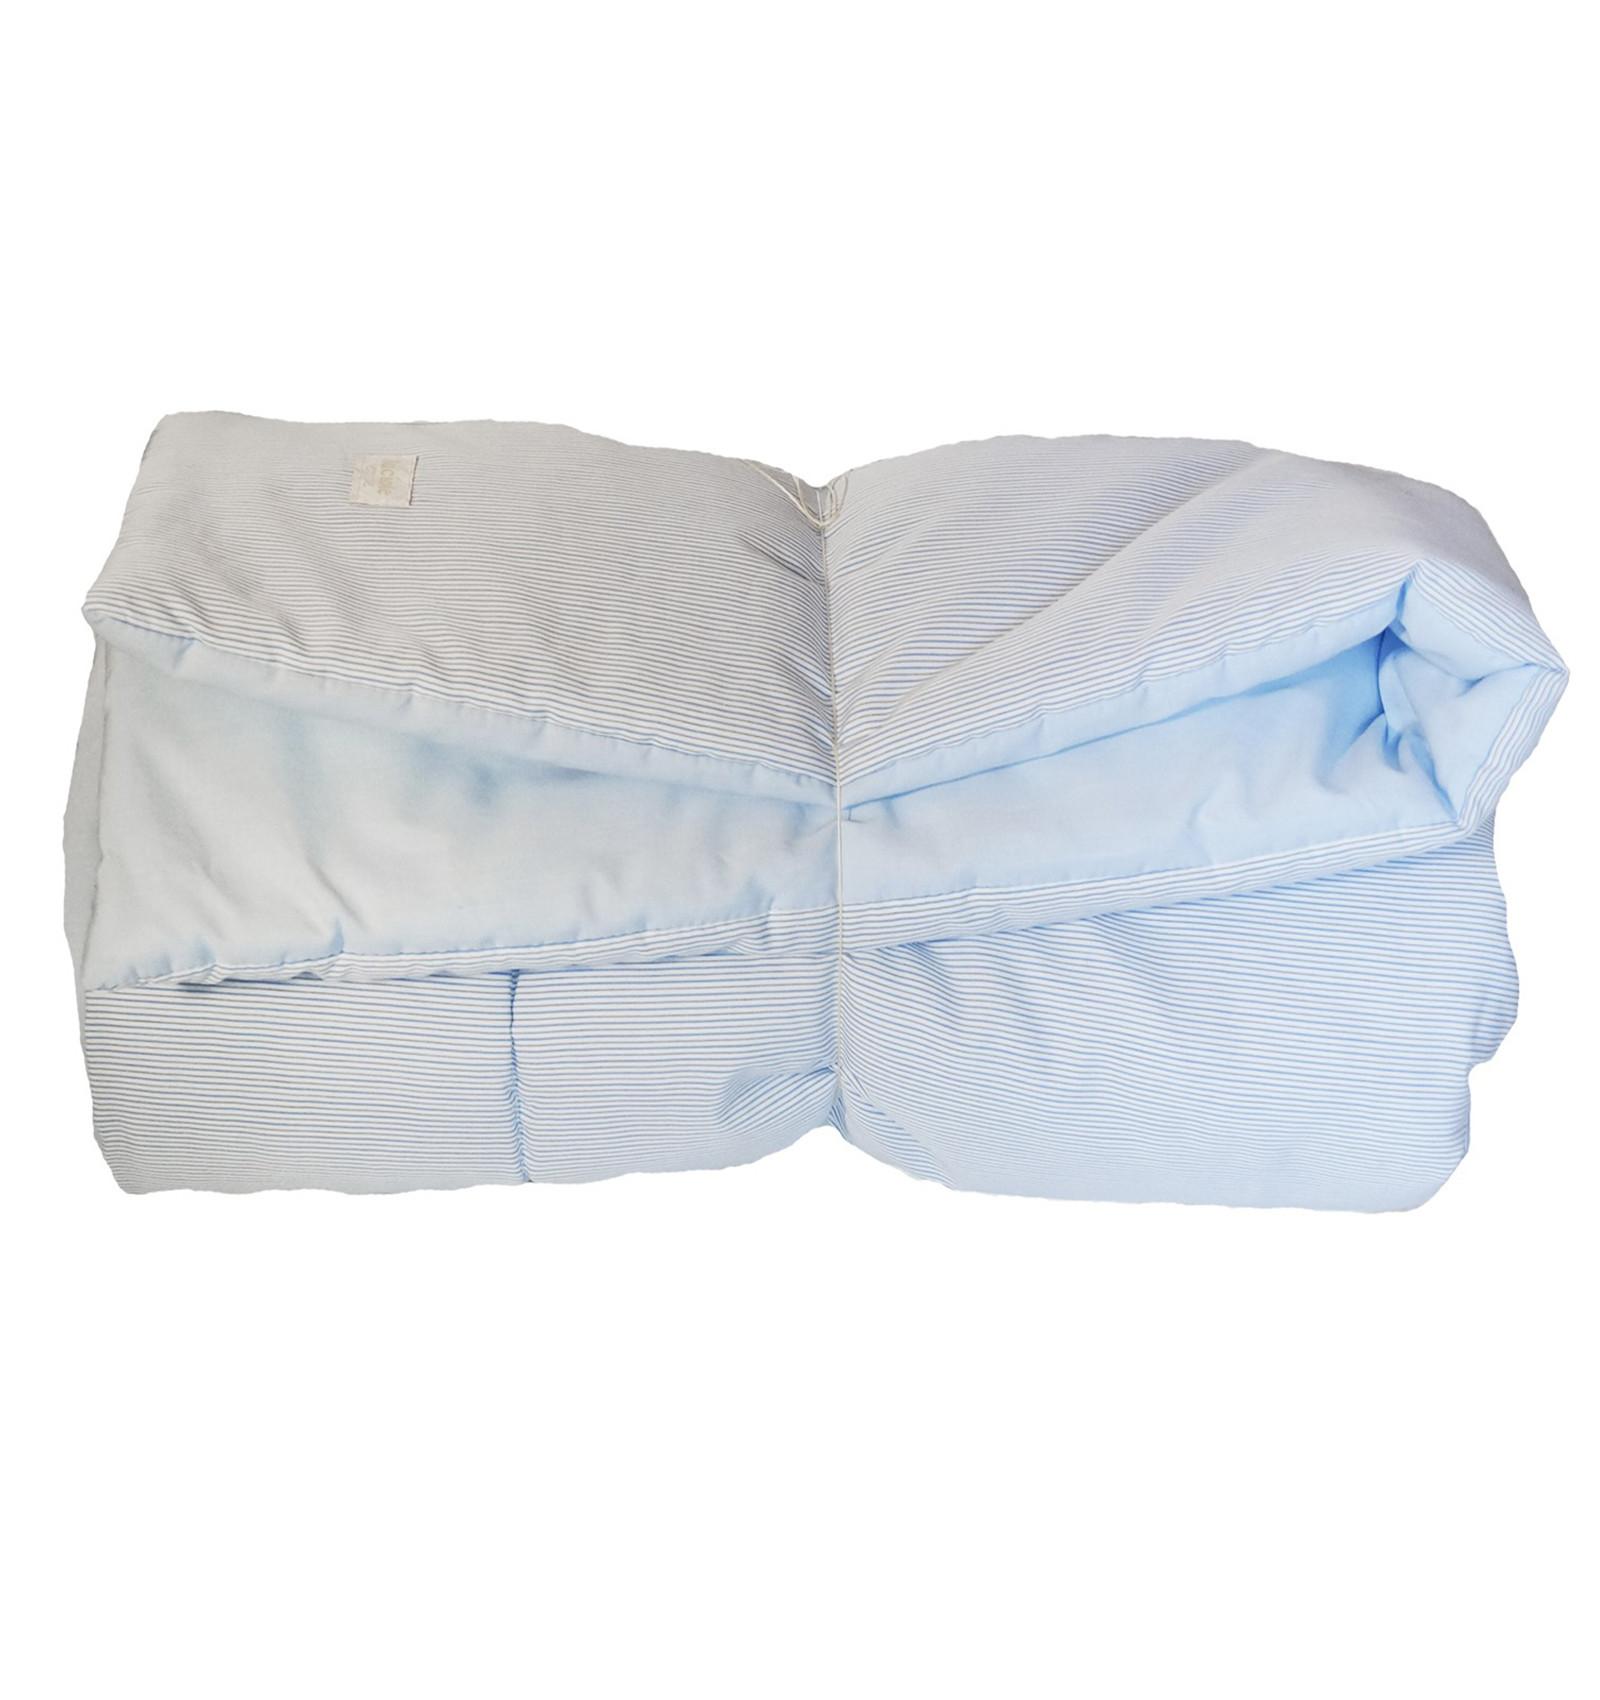 Tapis de jeu bébé en coton oeko-tex à rayures 100x100 cm